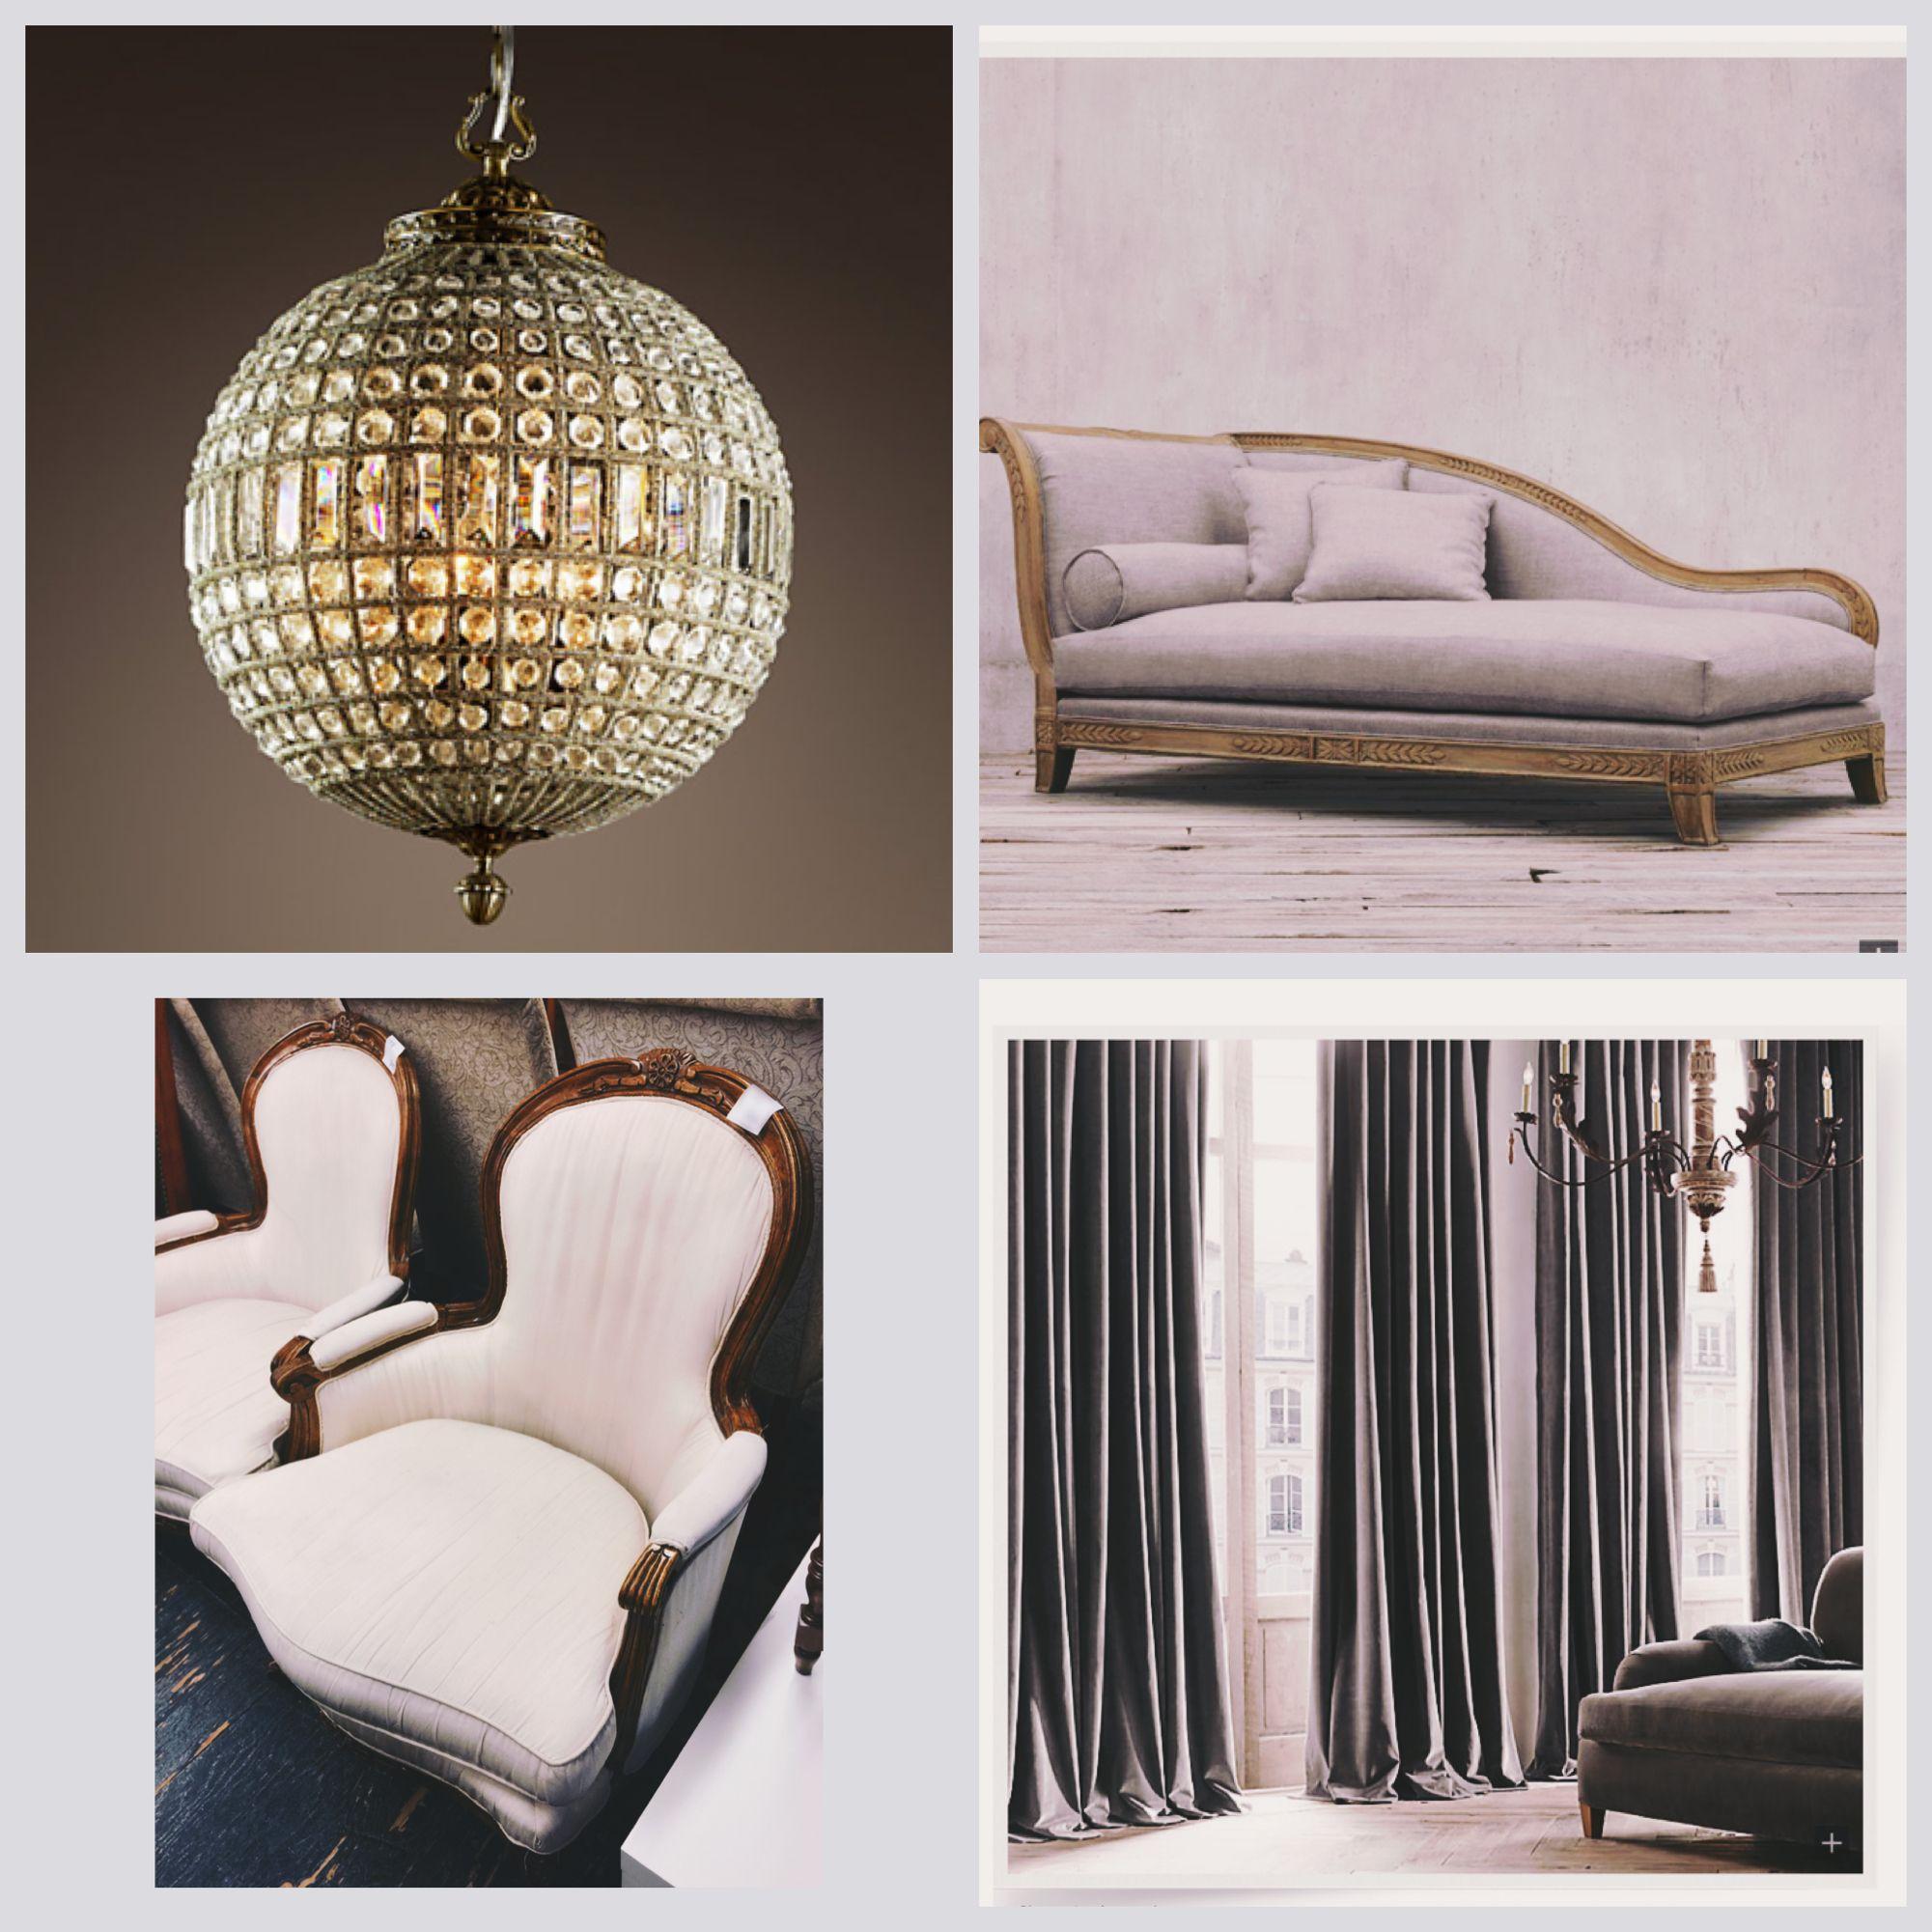 Living room plans - velvet, rich dark colours and vintage lights - regency meets modern masculine